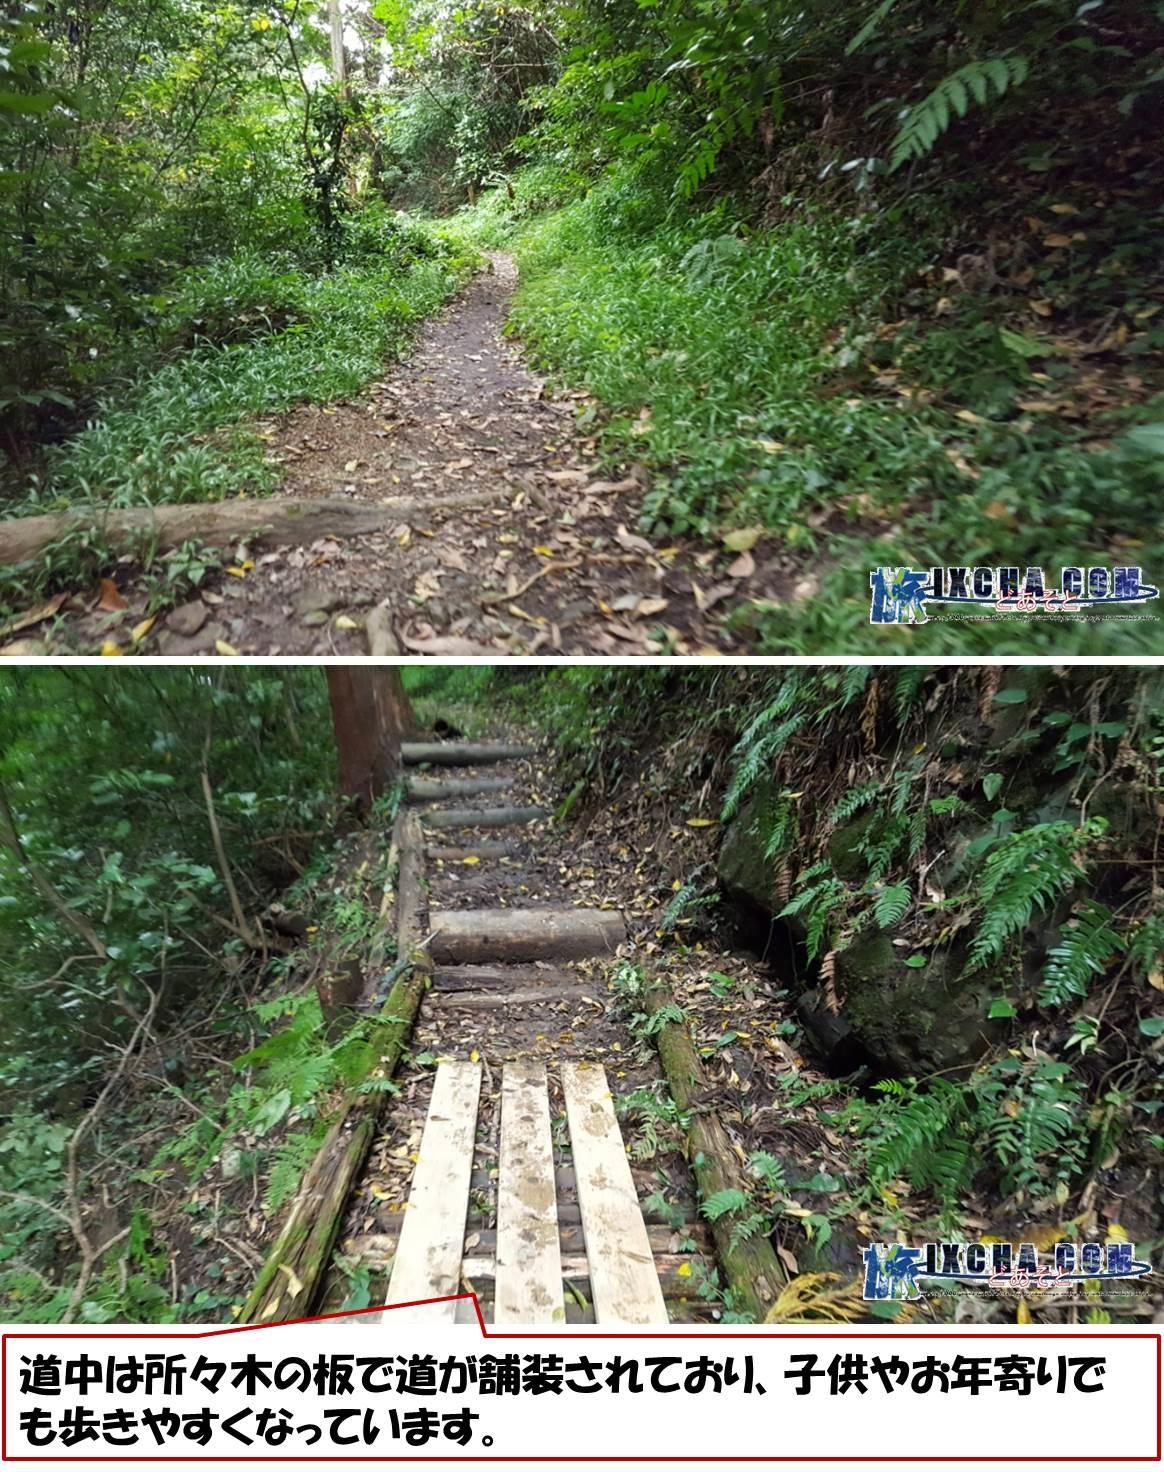 道中は所々木の板で道が舗装されており、子供やお年寄りでも歩きやすくなっています。